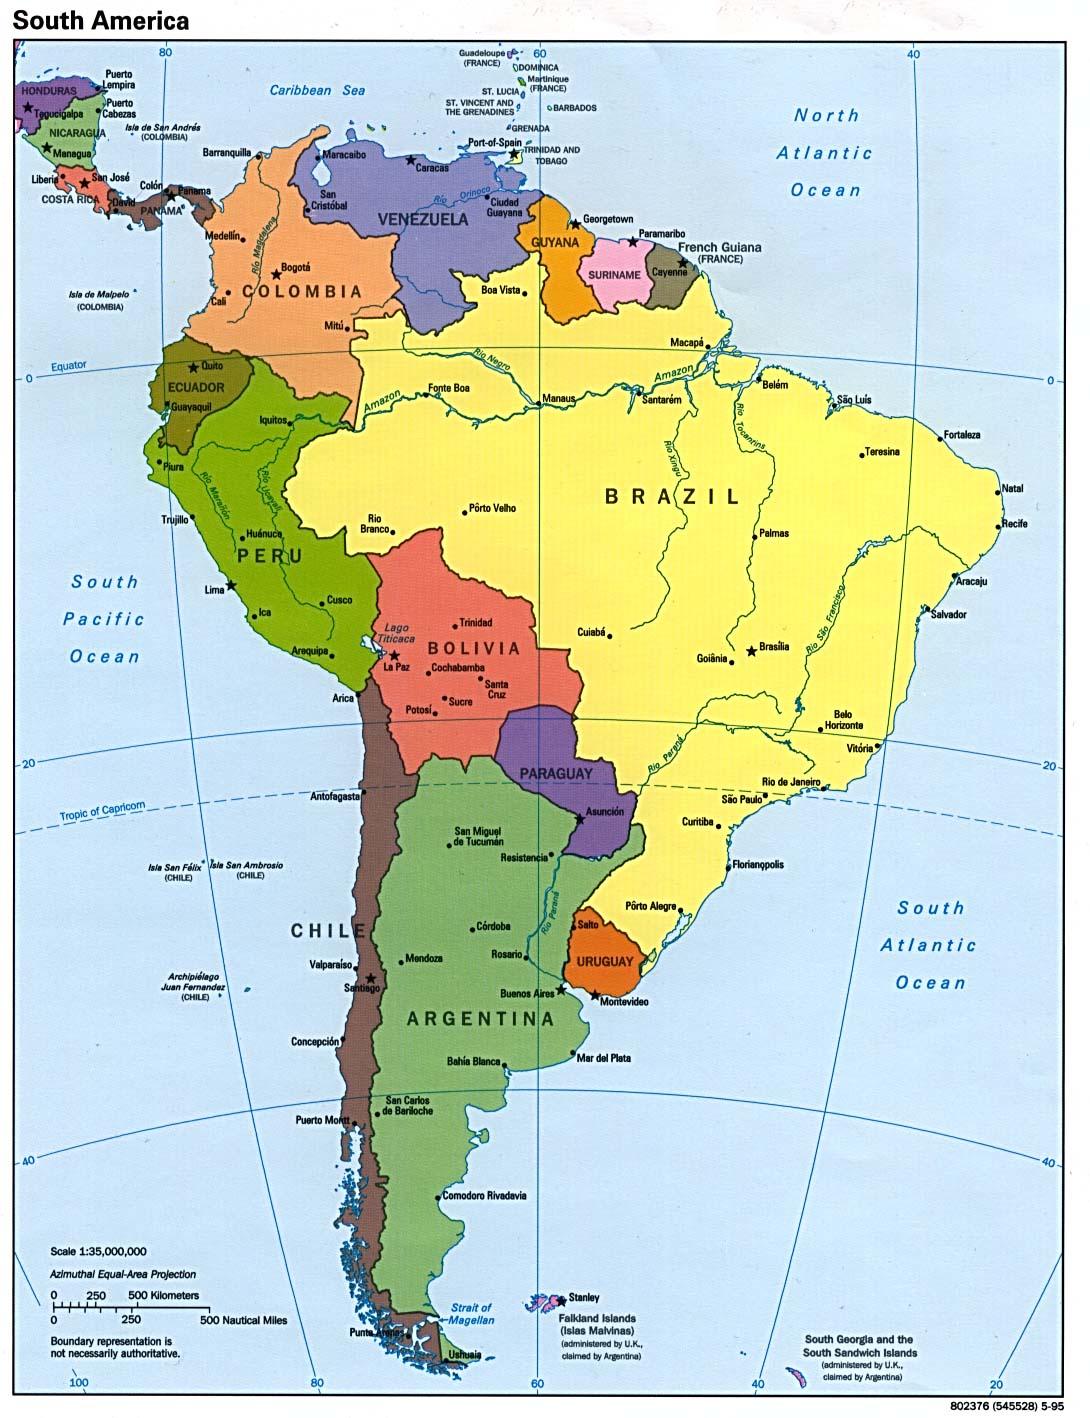 Mapa Político de América del Sur 1995